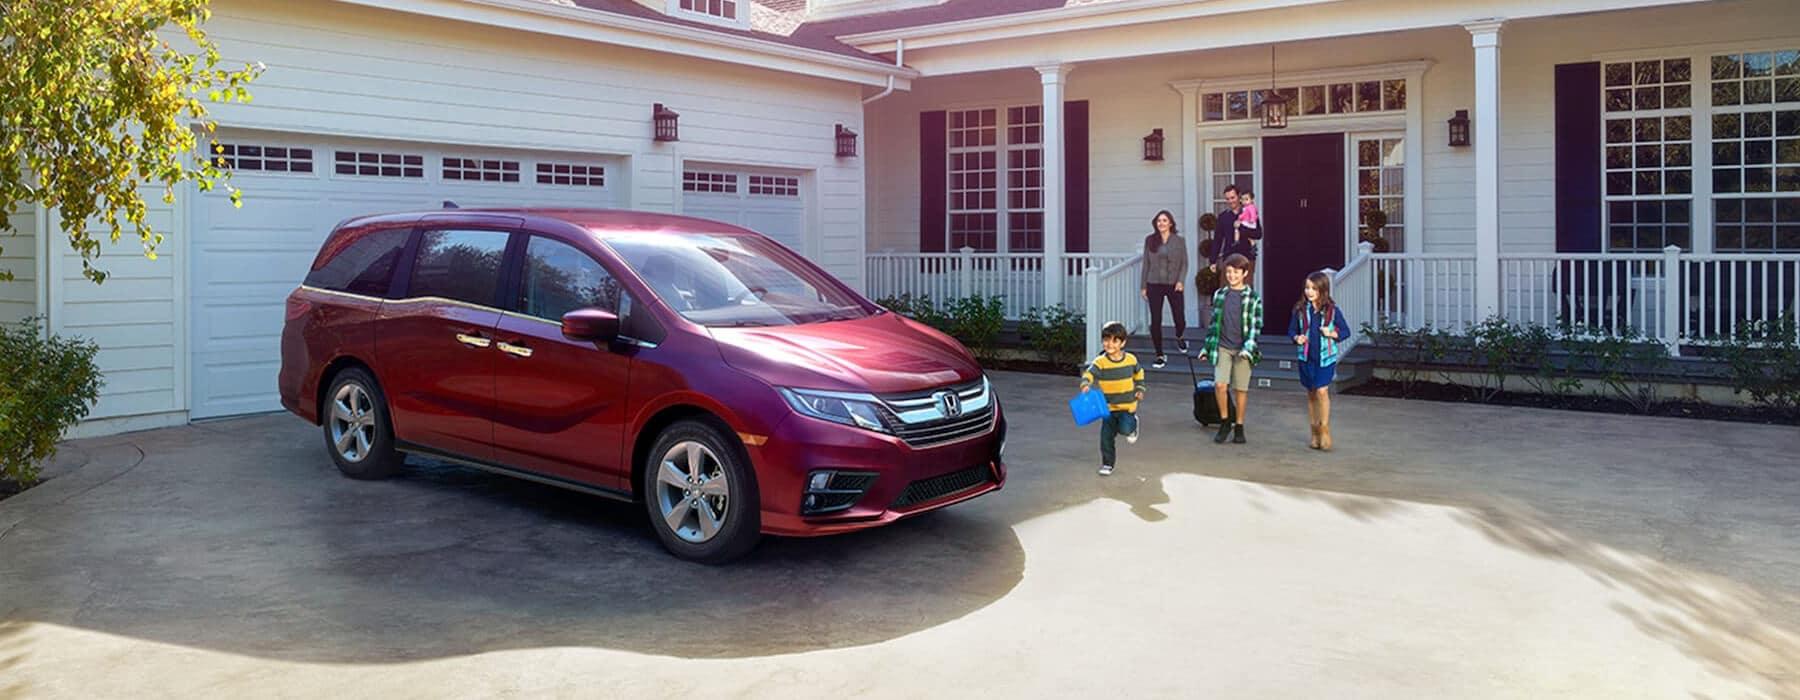 Best Family Cars in Sioux Falls Vern Eide Honda Slider